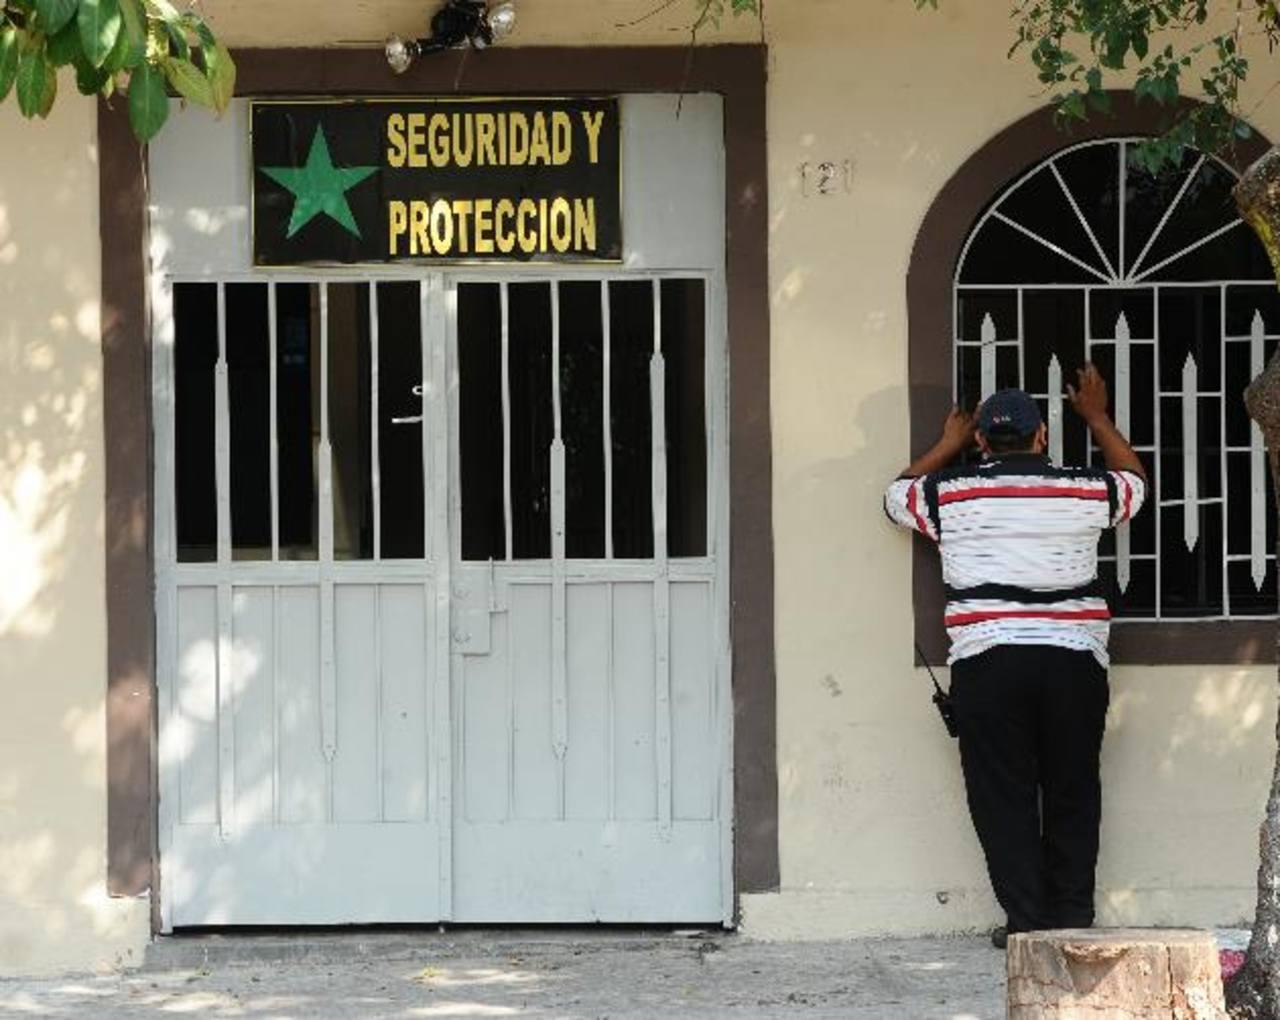 Esta es la empresa de seguridad privada donde el martes pasado asesinaron al agente de la Policía. Foto EDH / Archivo